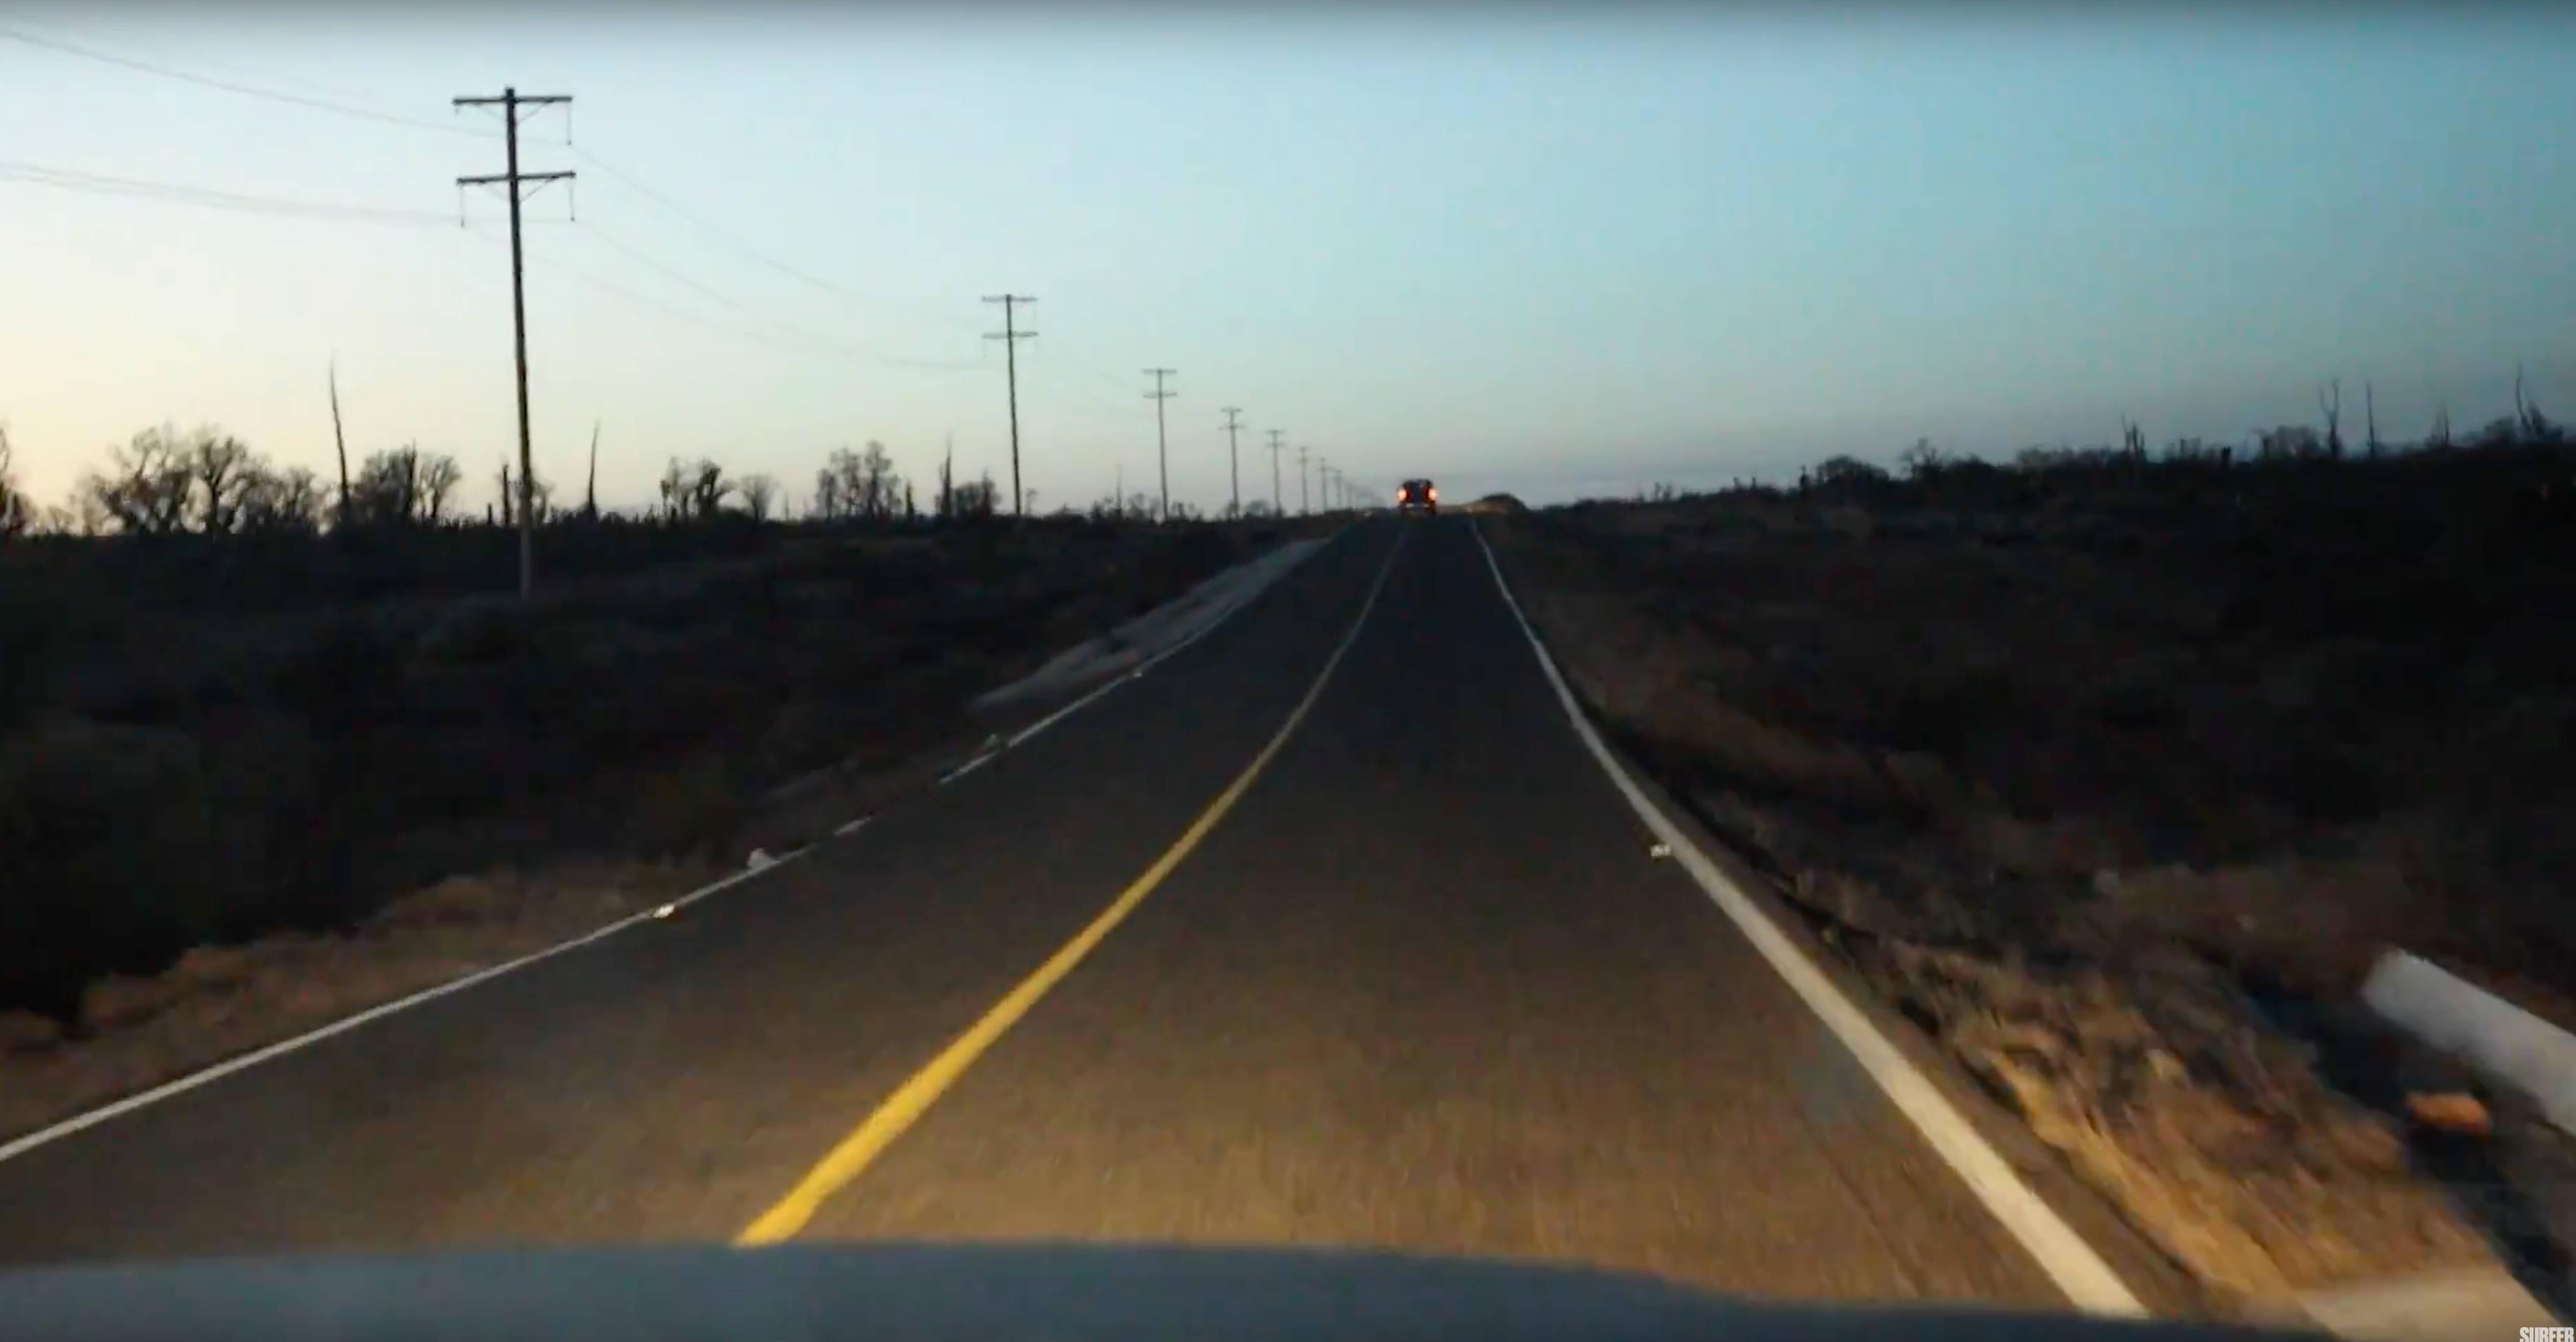 Eine Aussicht, die Gänsehaut macht - zumindest wenn man schon einmal in seinem Leben einen Roadtrip unternommen hat.